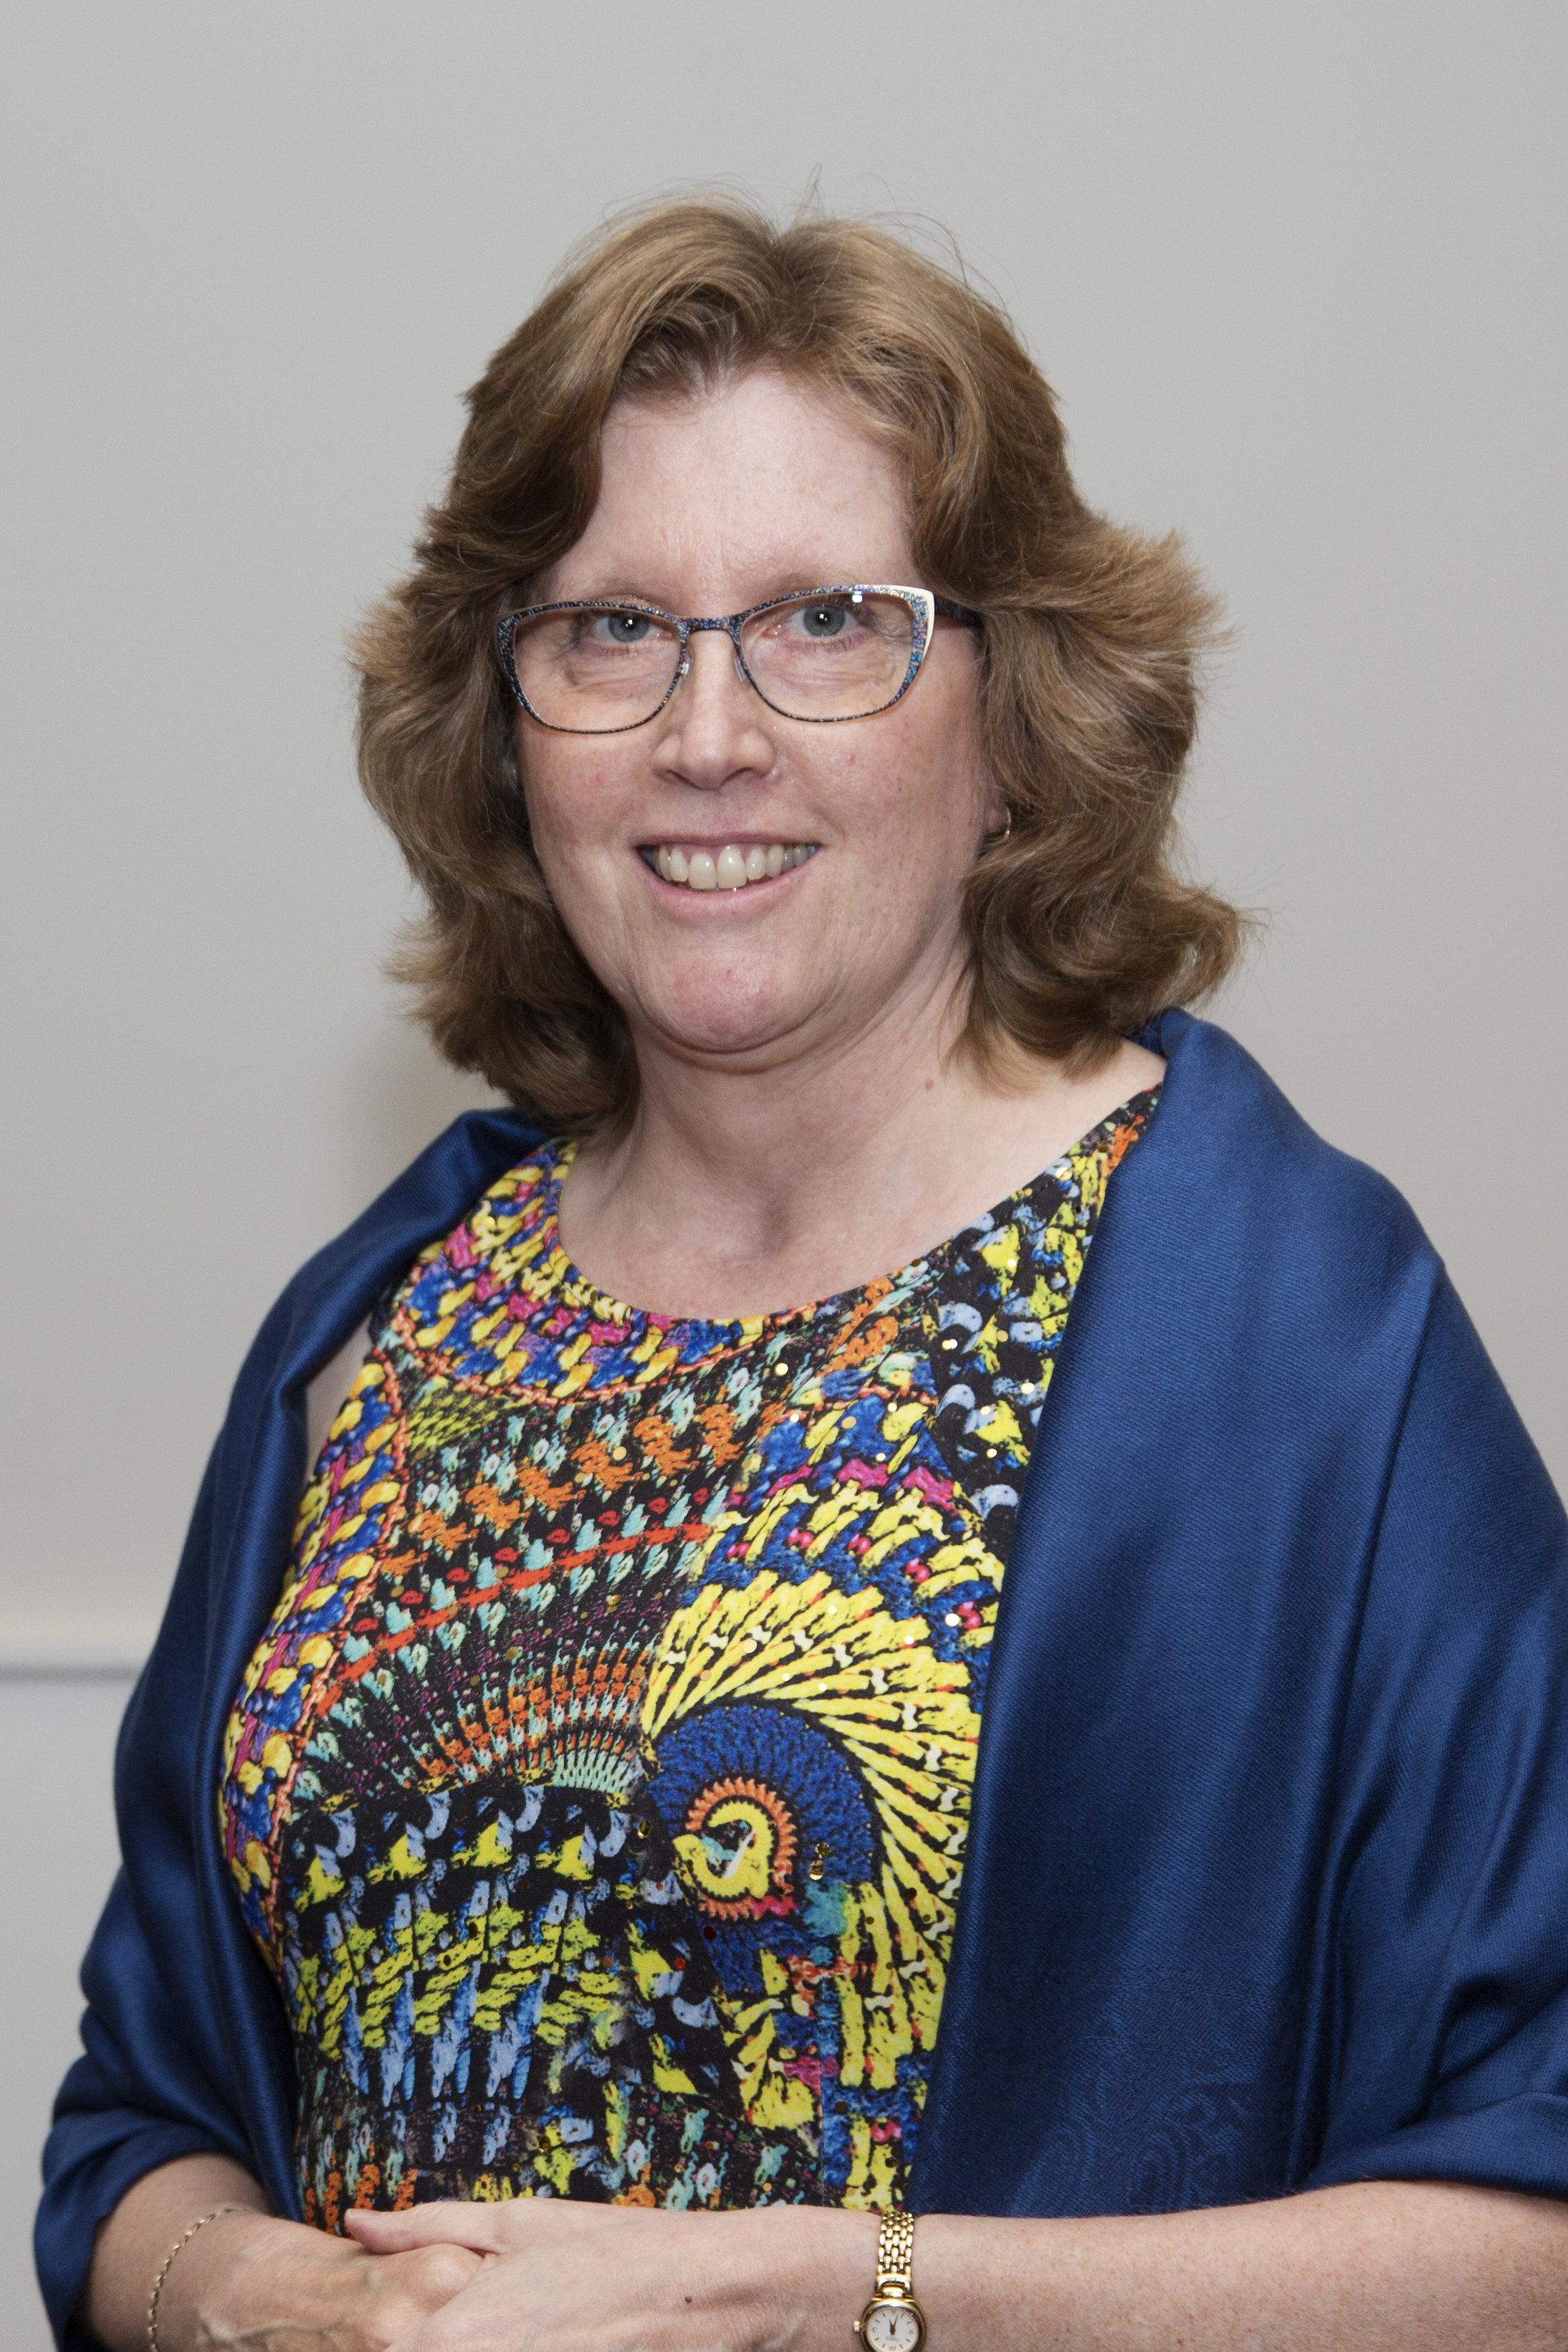 Dr. Janet McGugan